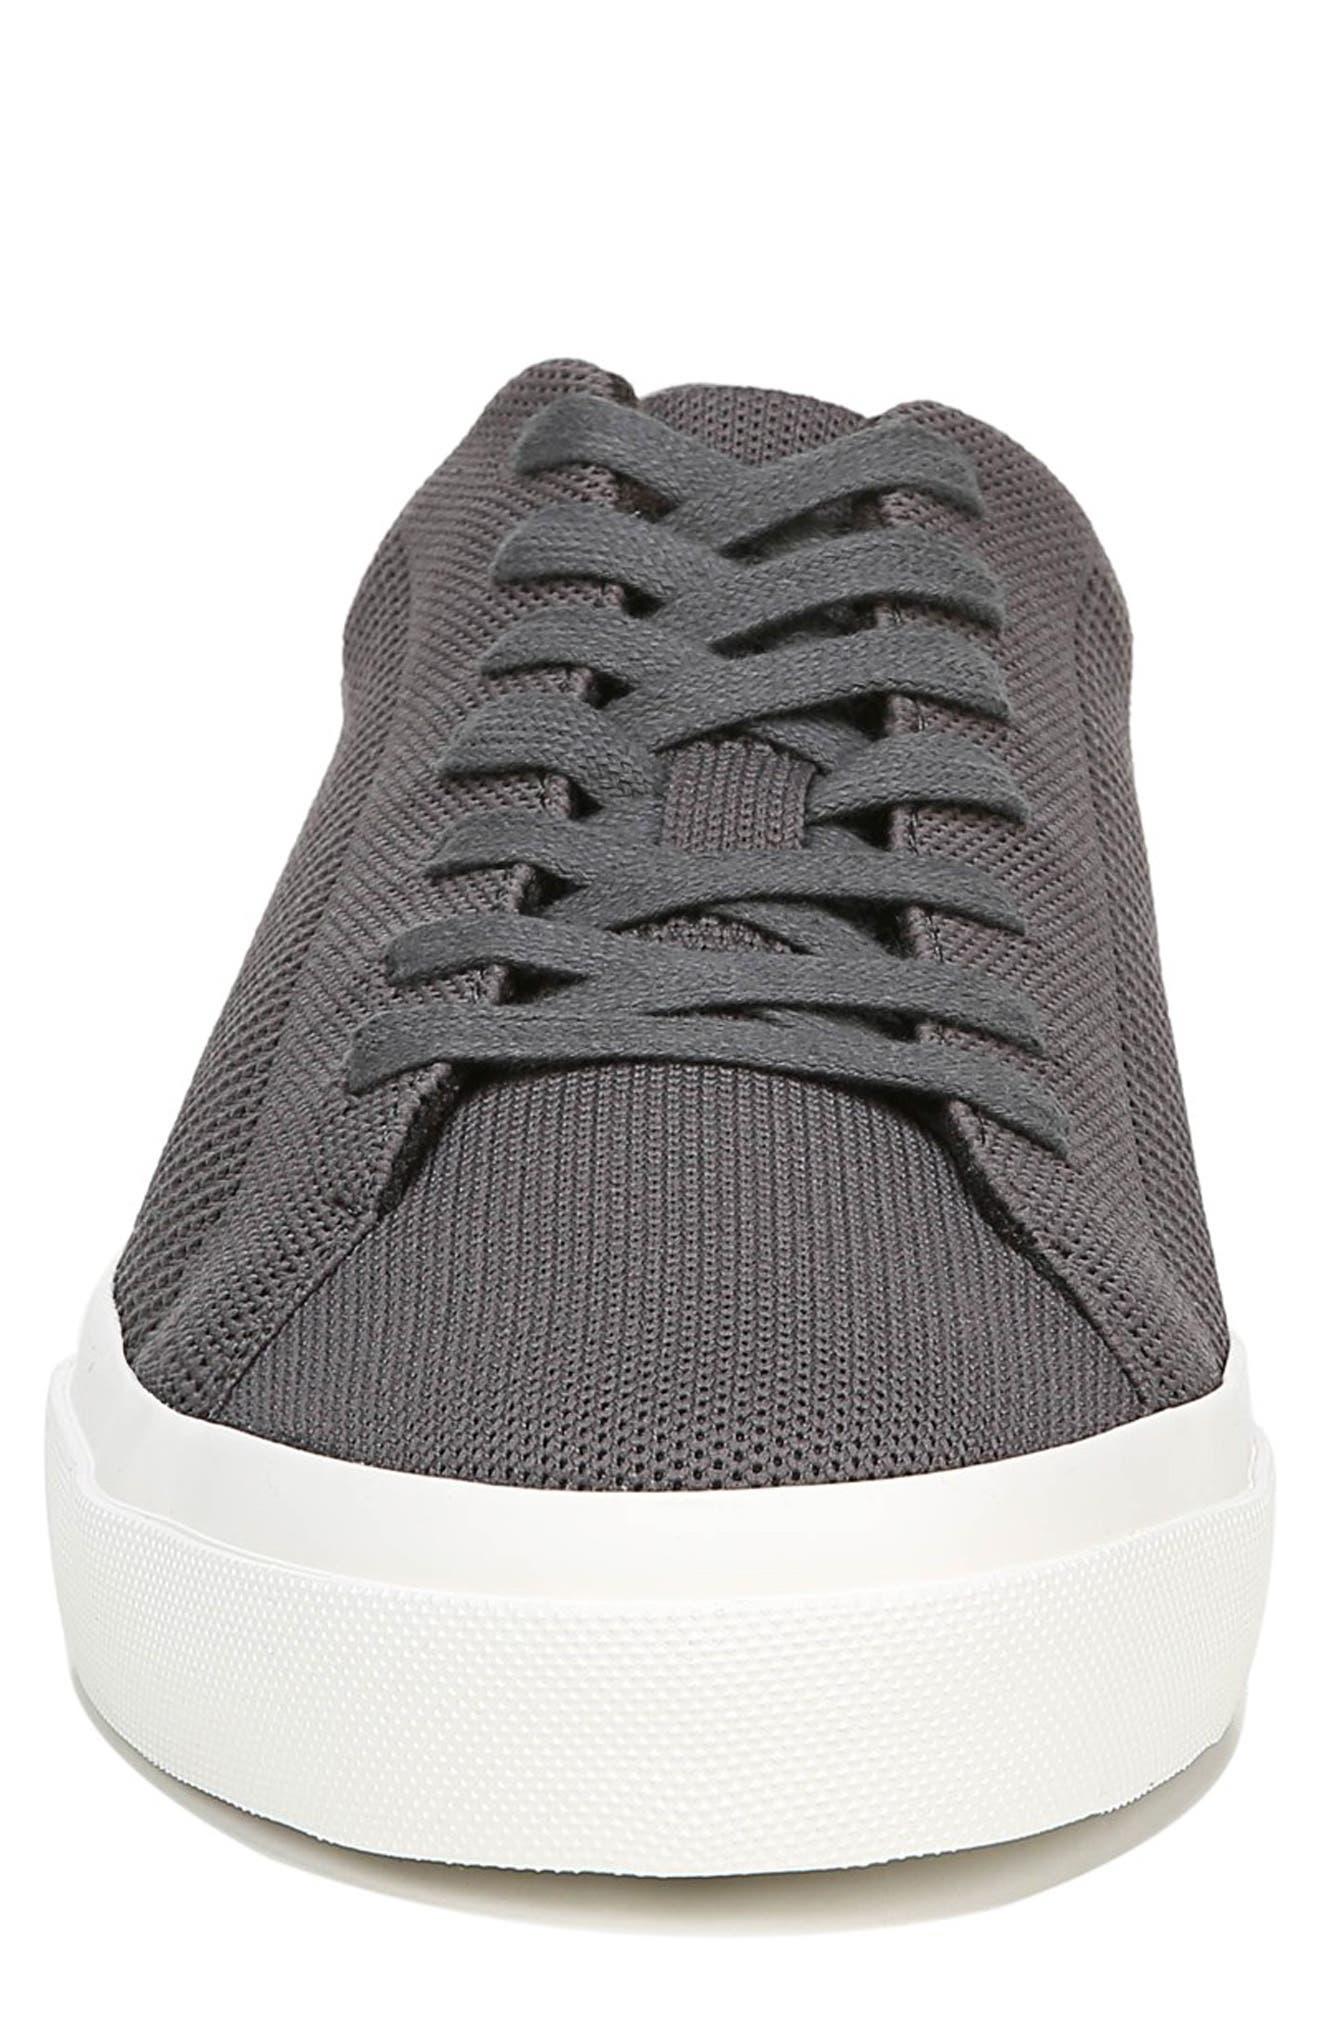 VINCE, Farrell Sneaker, Alternate thumbnail 4, color, GRAPHITE/ BLACK